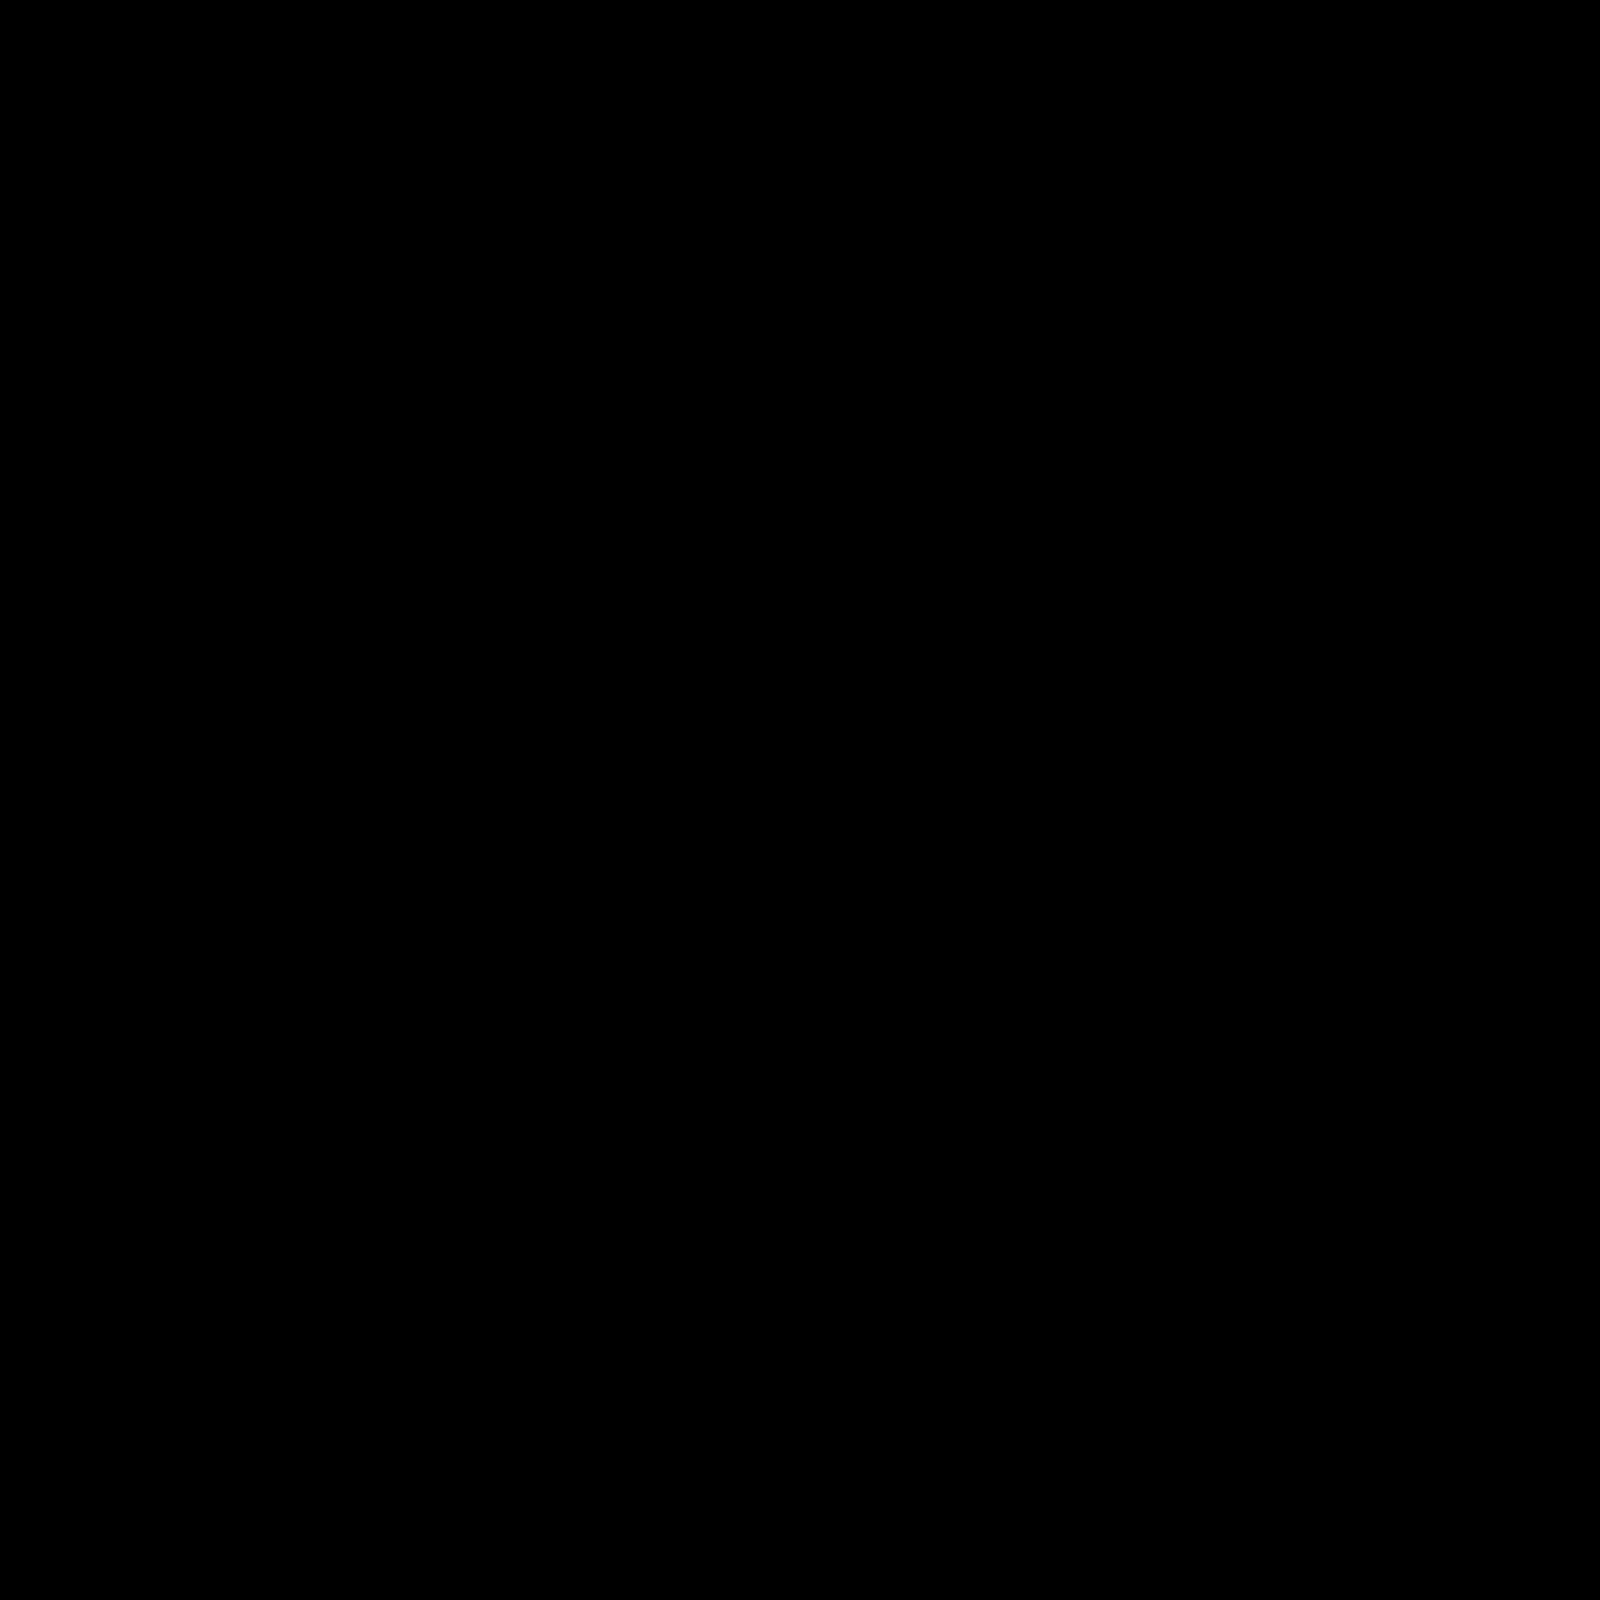 Icône Étiquette de prix - Téléchargement gratuit en PNG et ... White Price Tag Icon